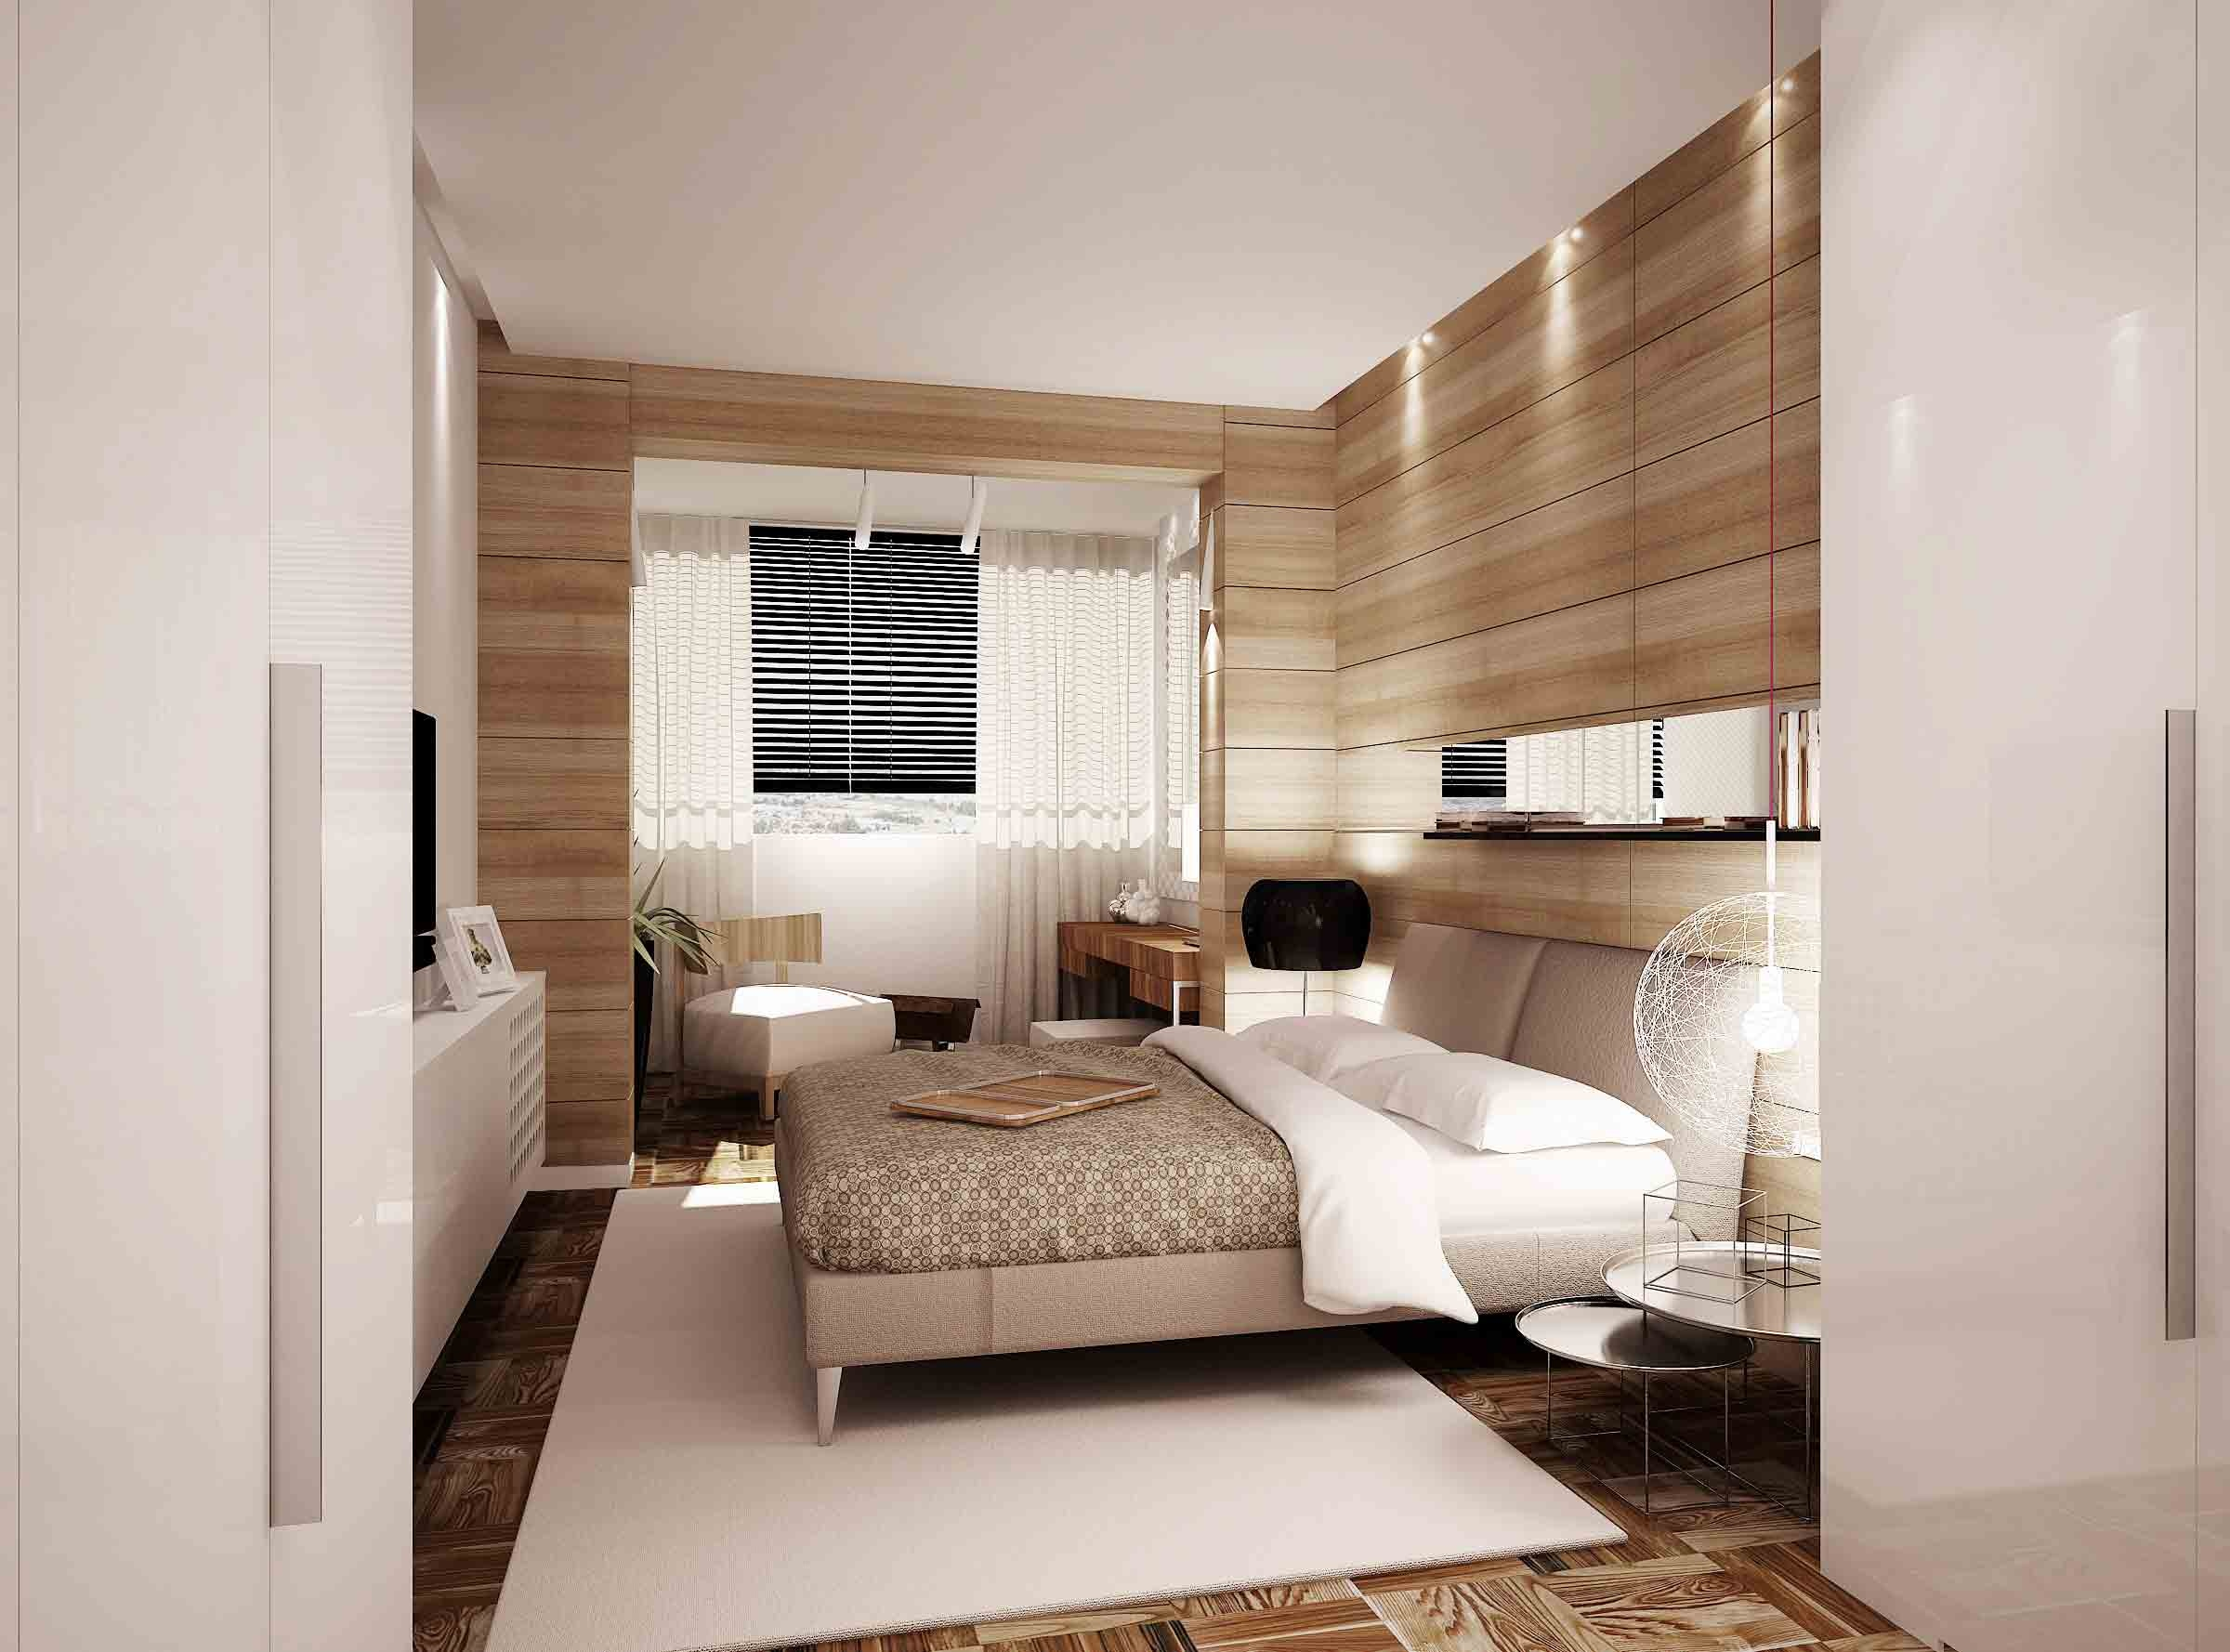 thiết kế nội thất phòng ngủ lào cai